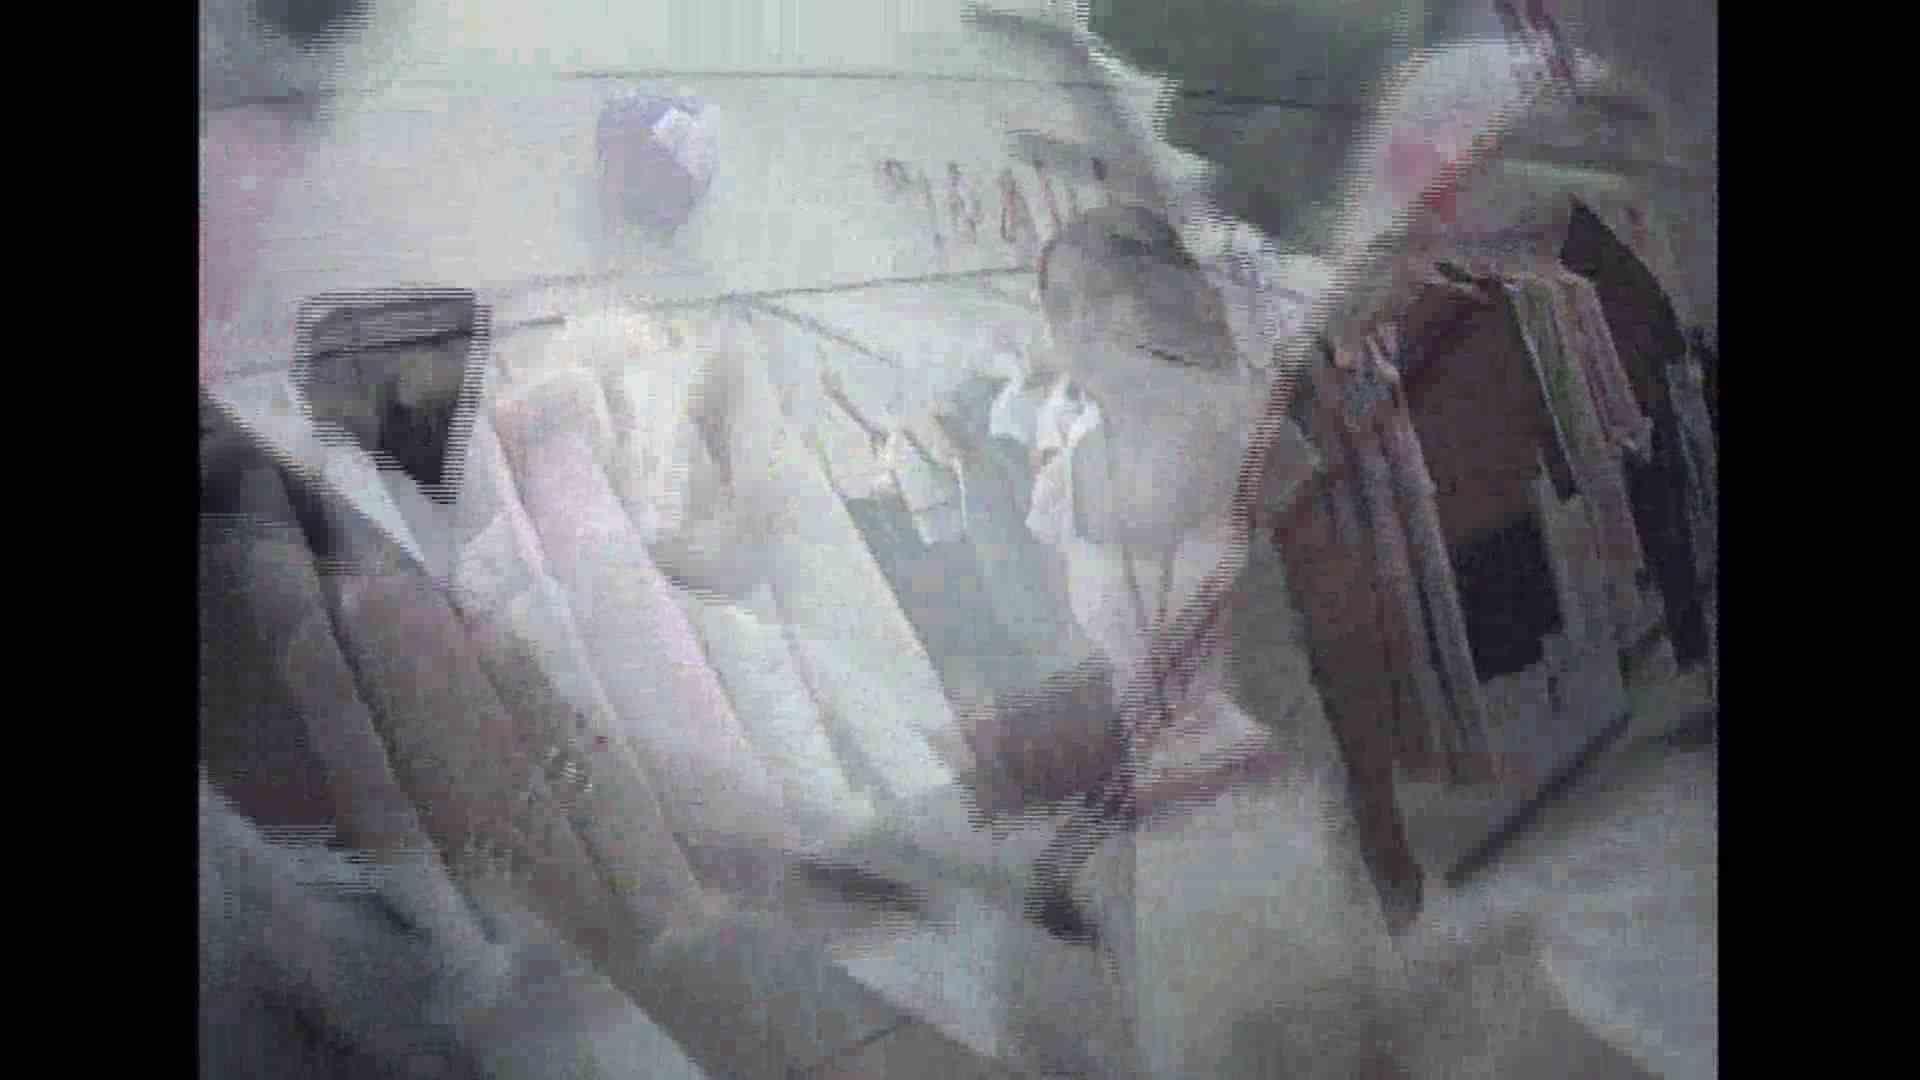 働く美女の谷間参拝 Vol.23 美女丸裸 アダルト動画キャプチャ 96pic 66